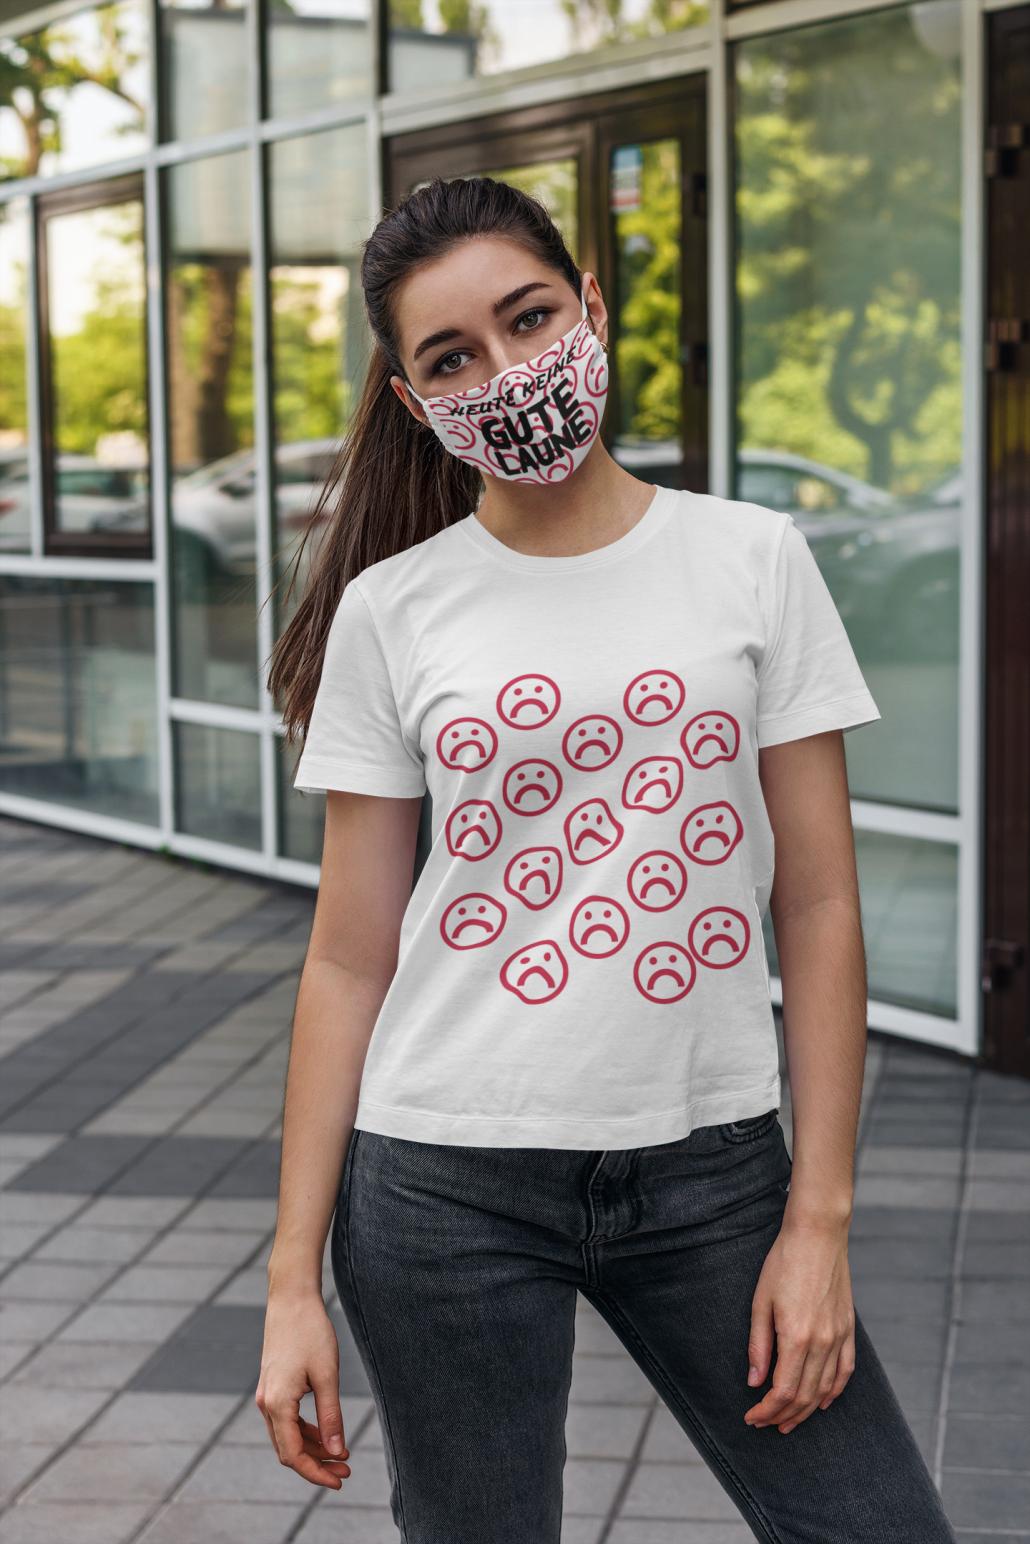 Frau mit personalisierter Gesichtsmaske